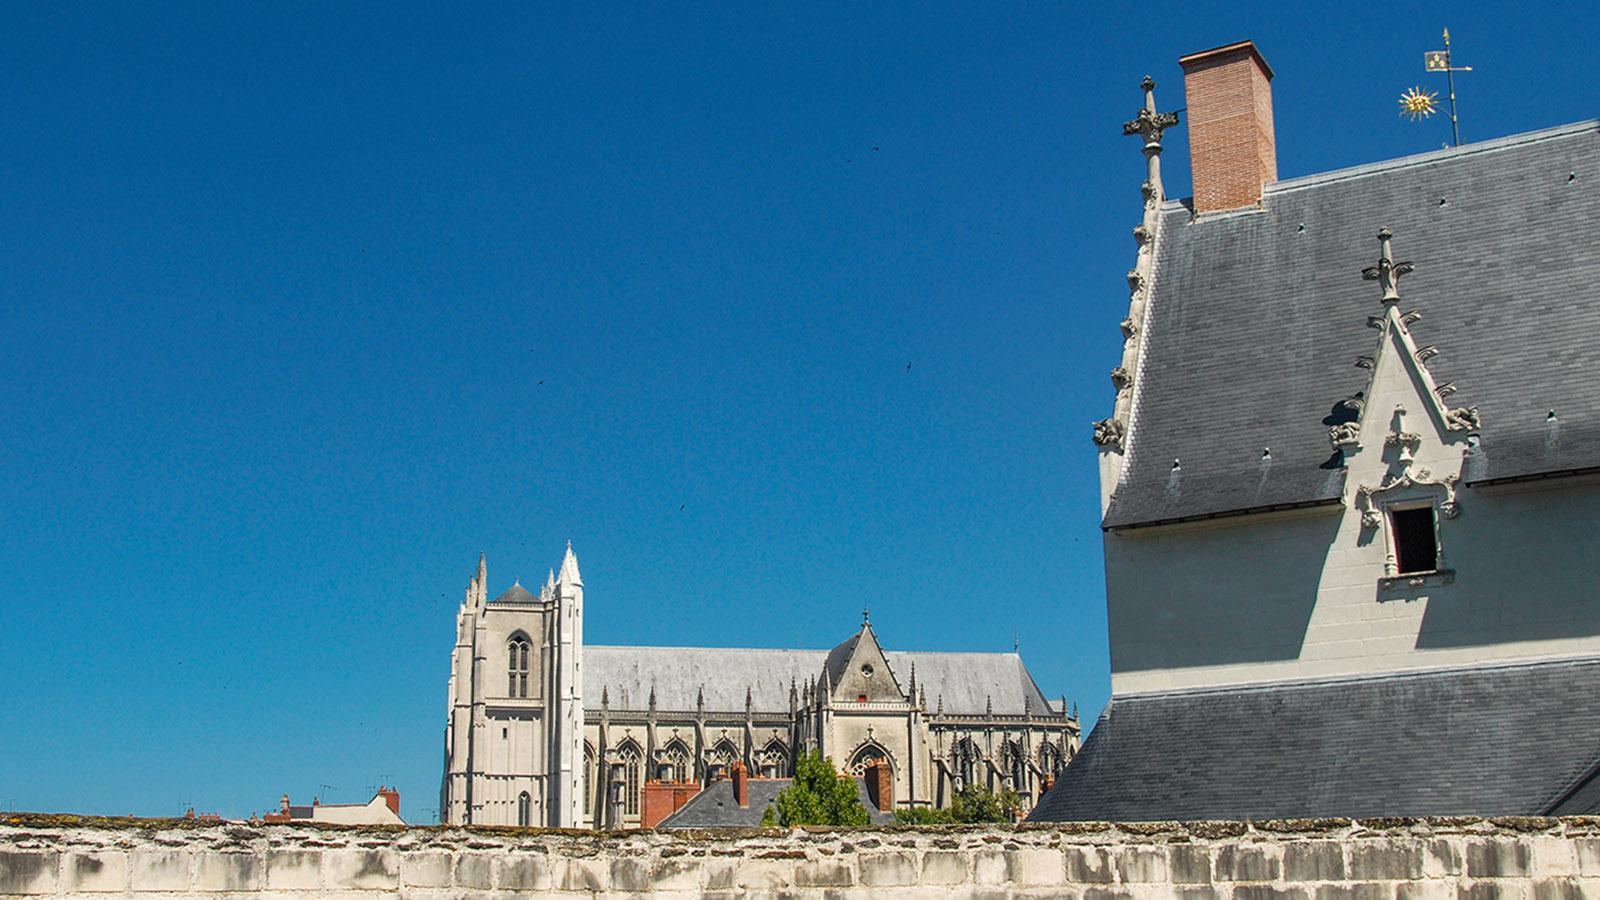 Nantes: Blick von der Wehrmauer des Herzogsschlosses auf die Kathedrale. Foto: Hilke Maunder